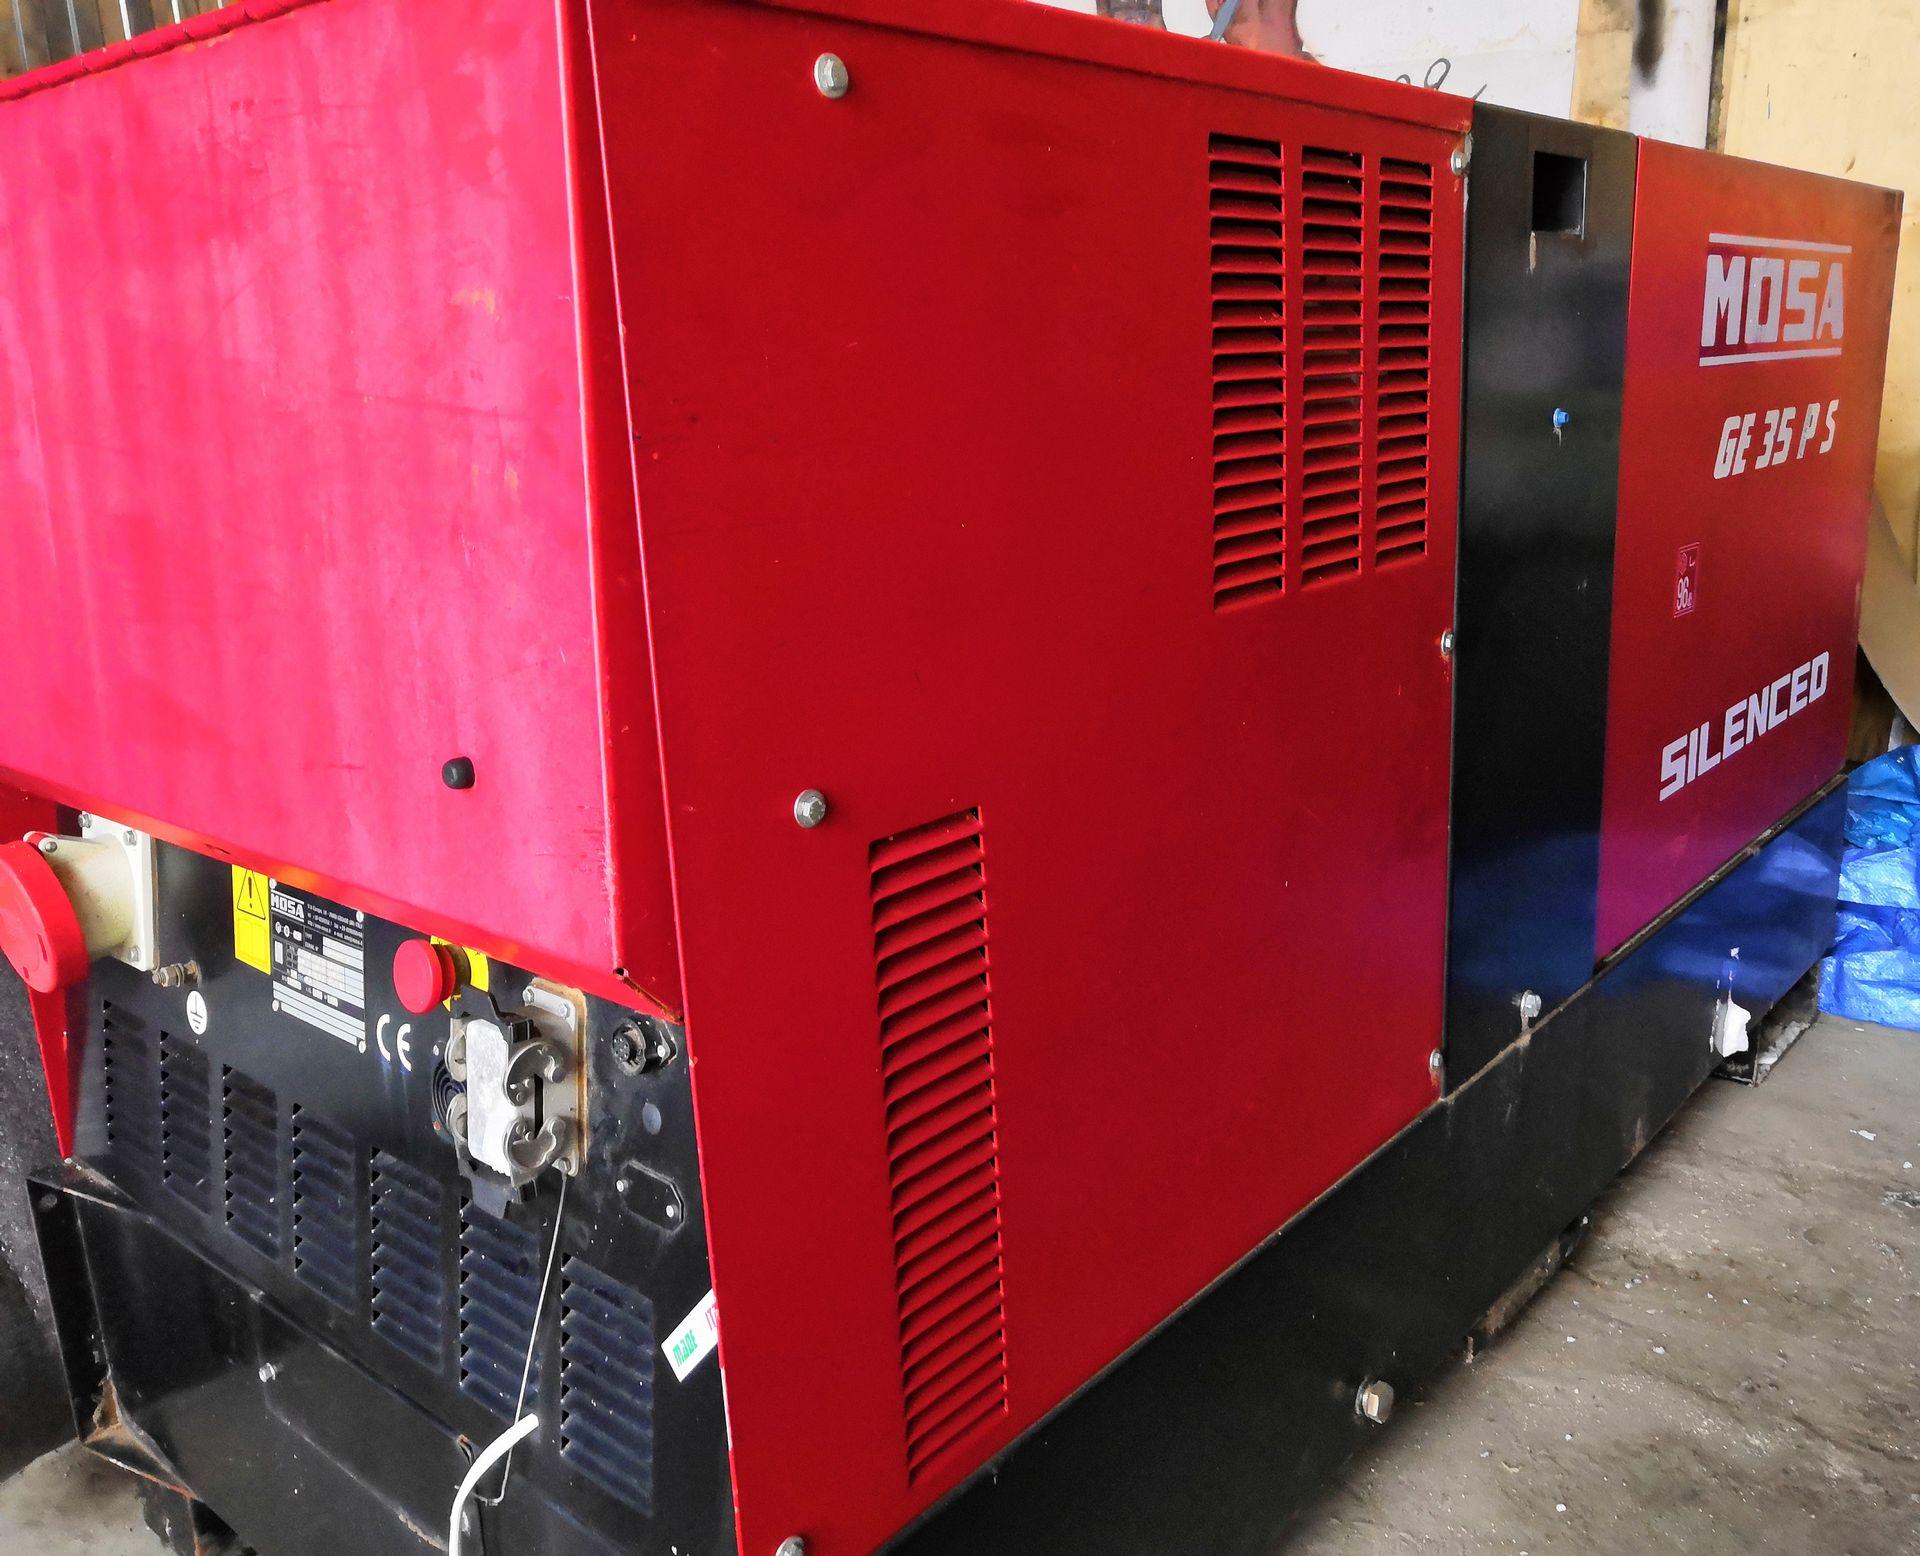 БУ Дизель-генератор MOSA GE 35 PS в кожухе 1